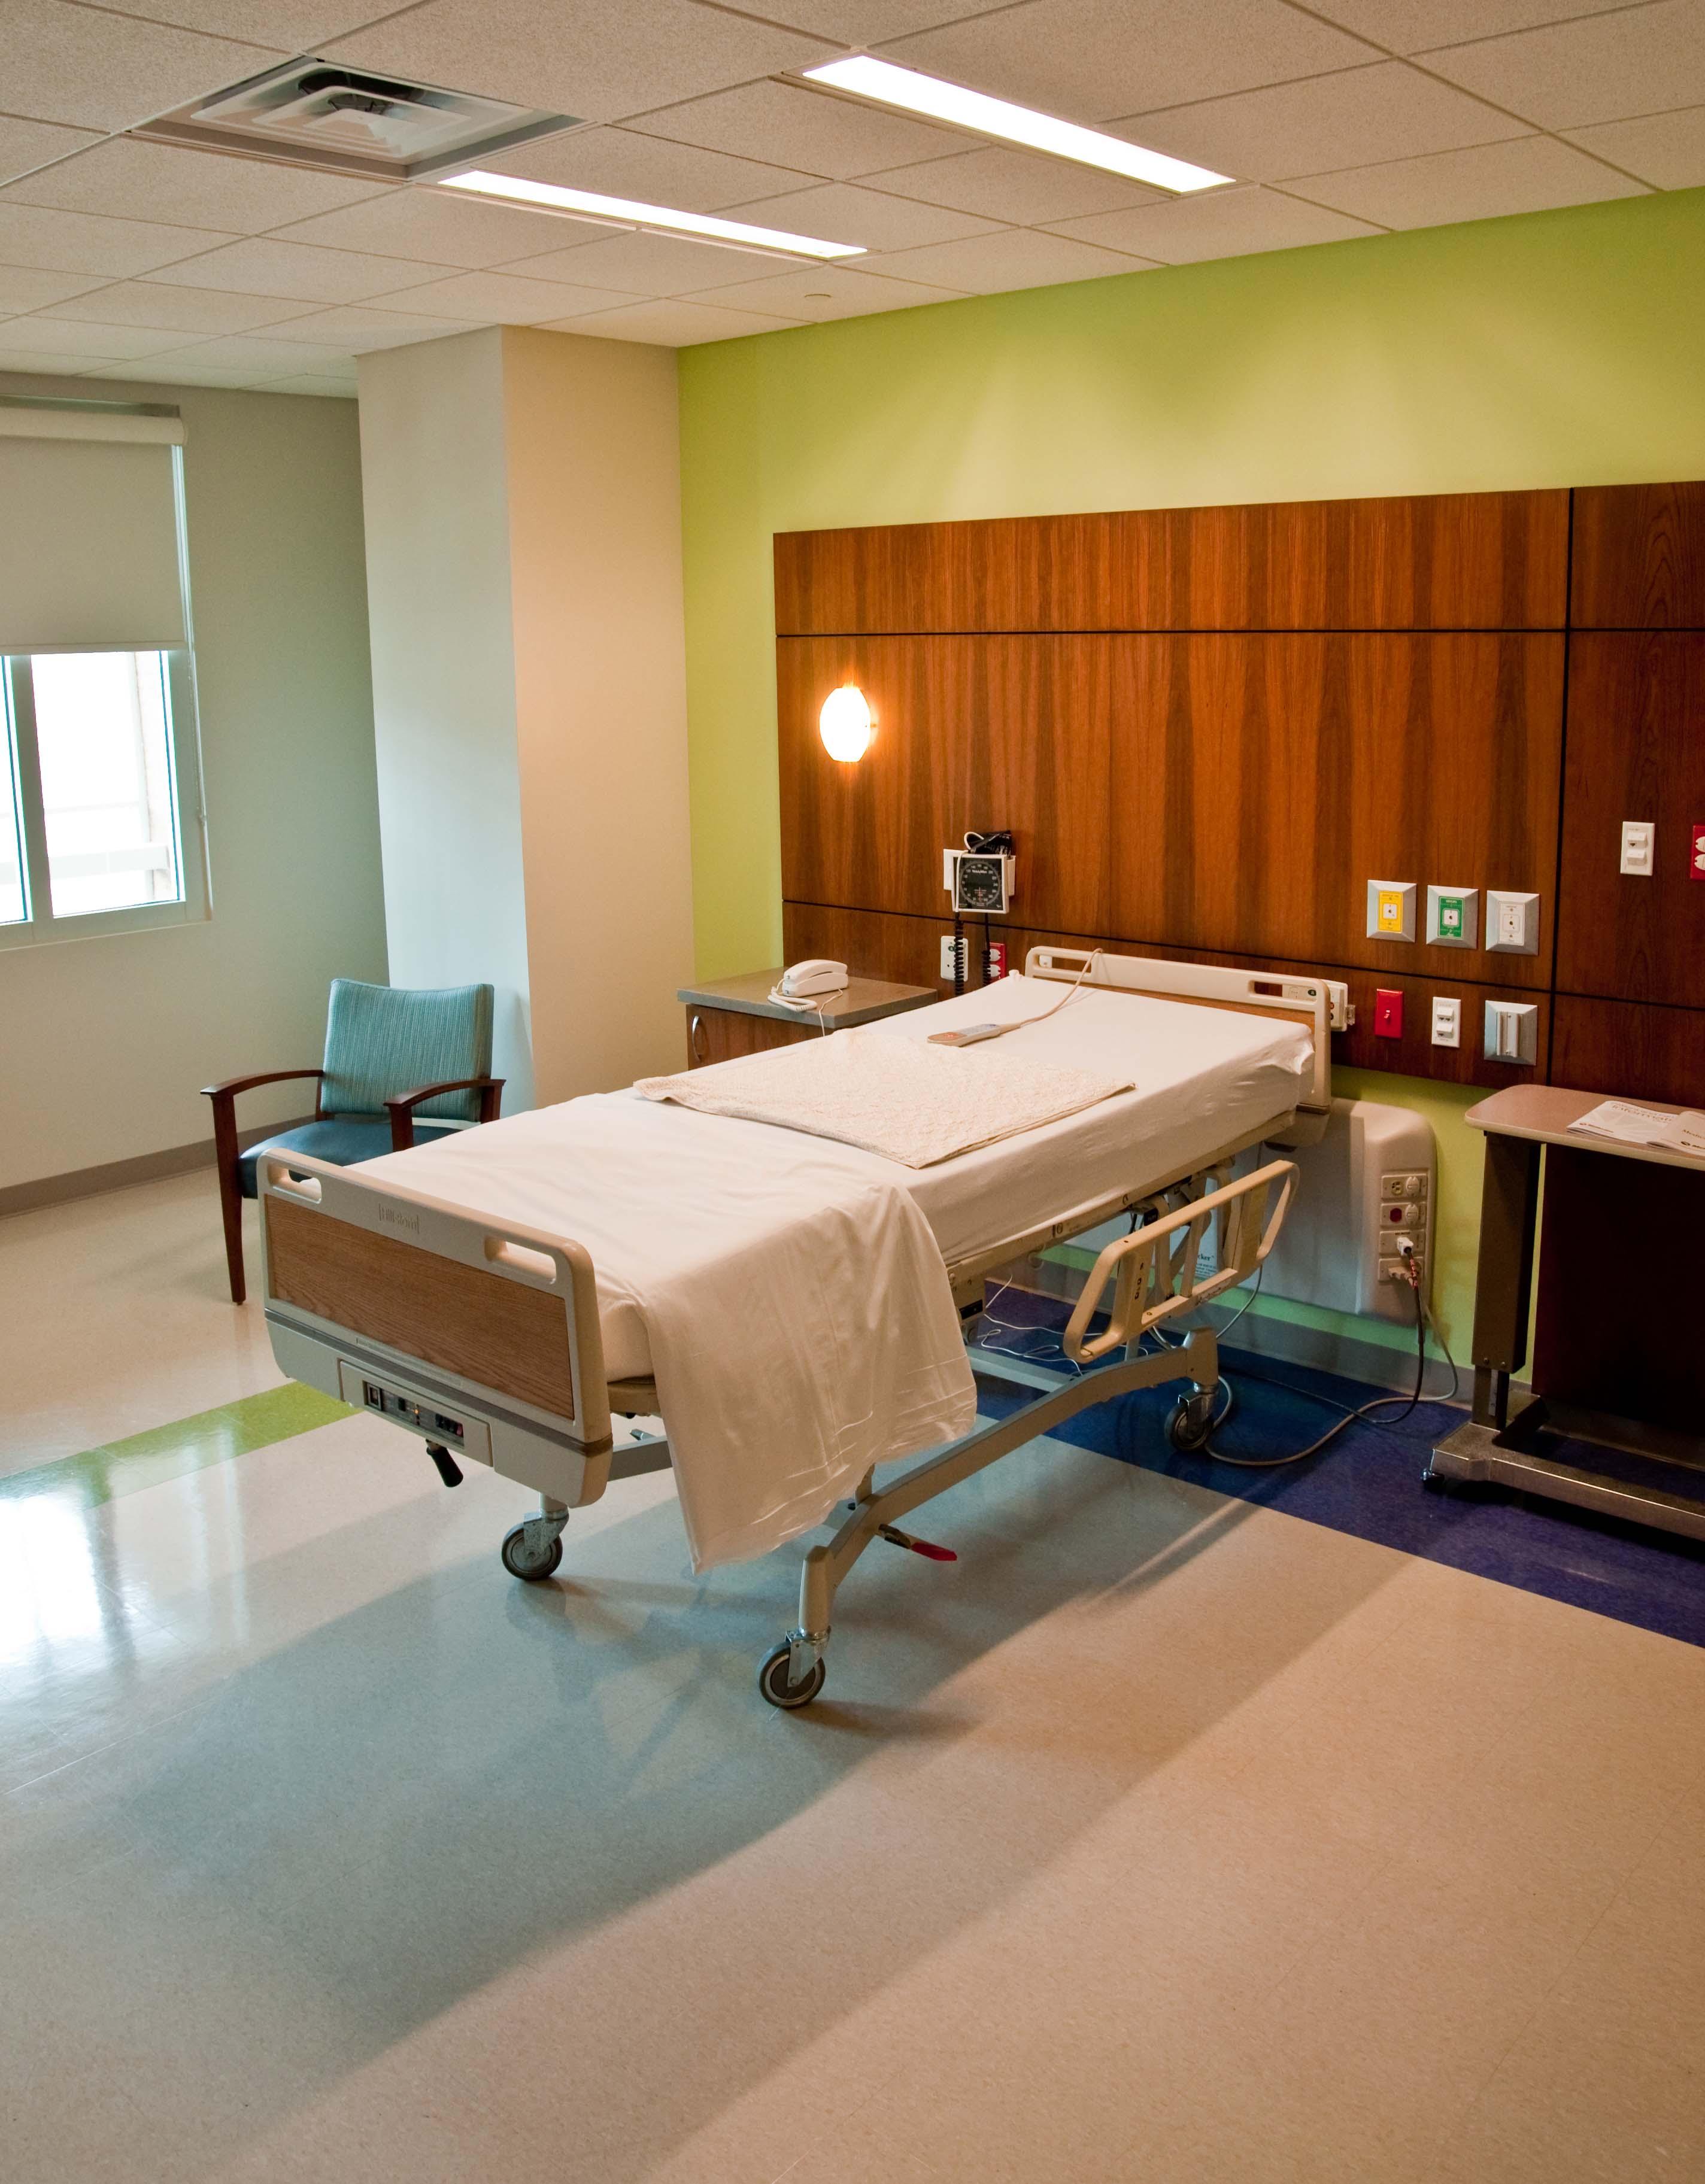 Methodist Germantown Hospital Room